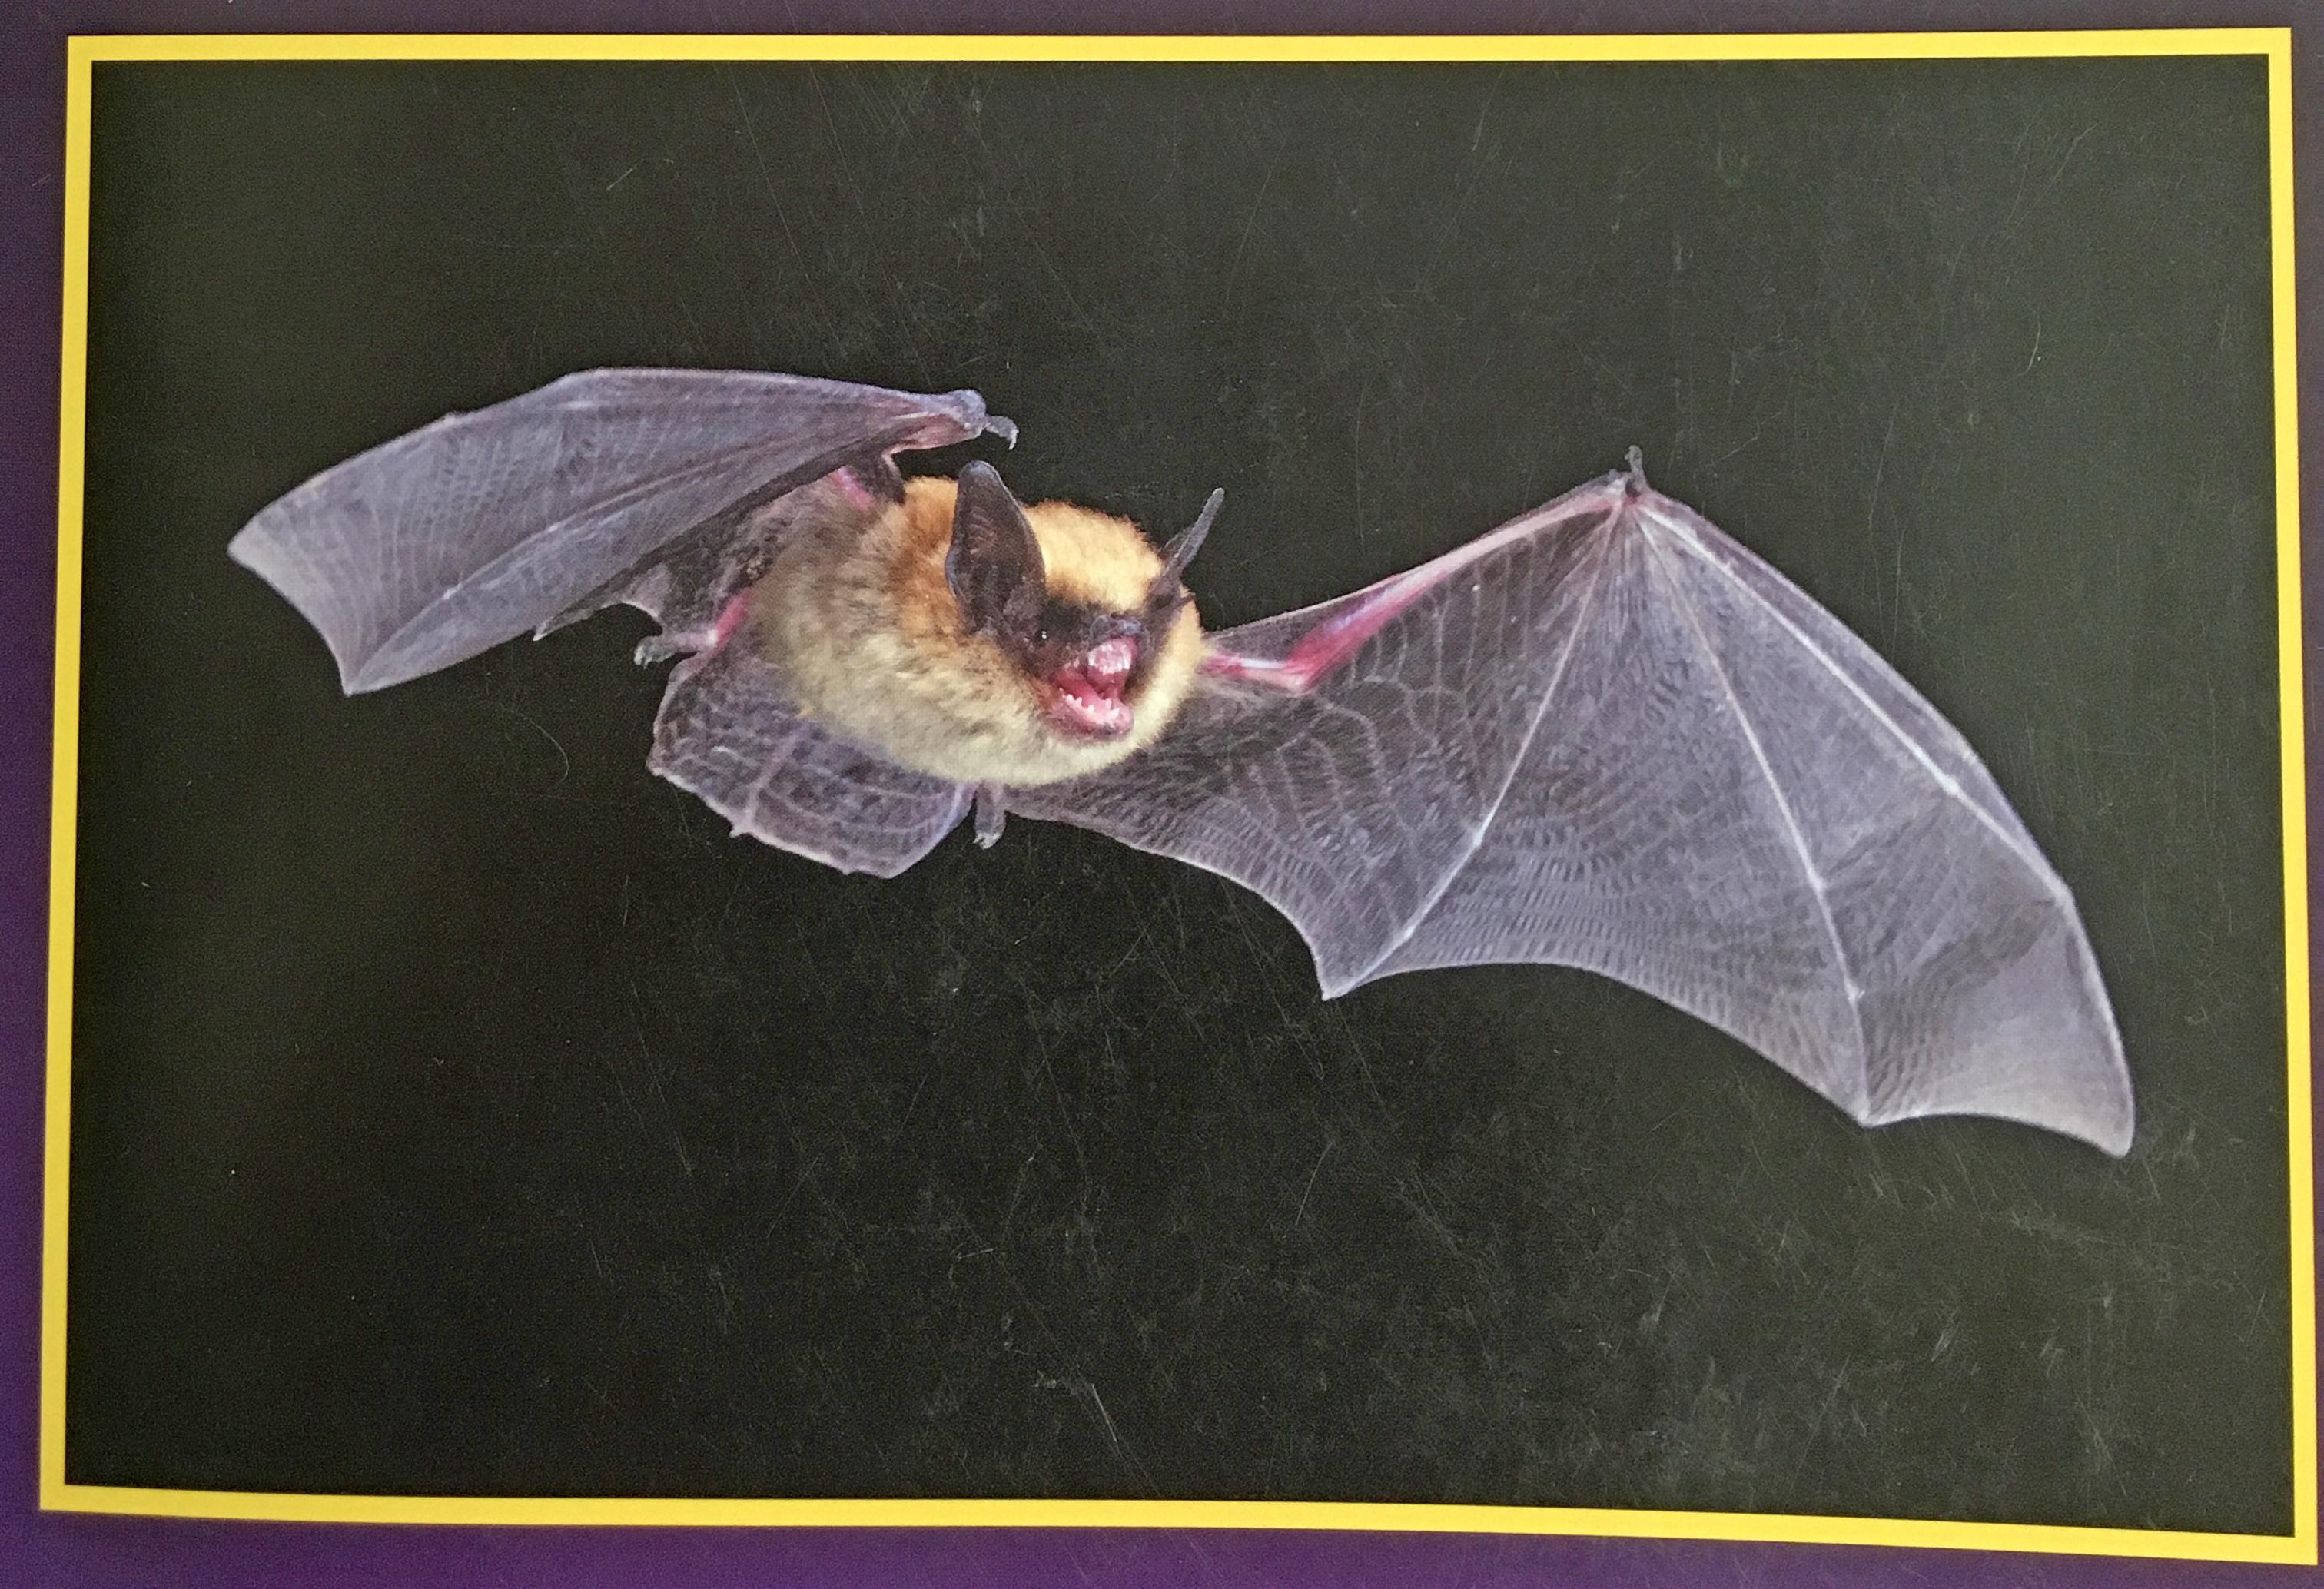 Bats of Kansas